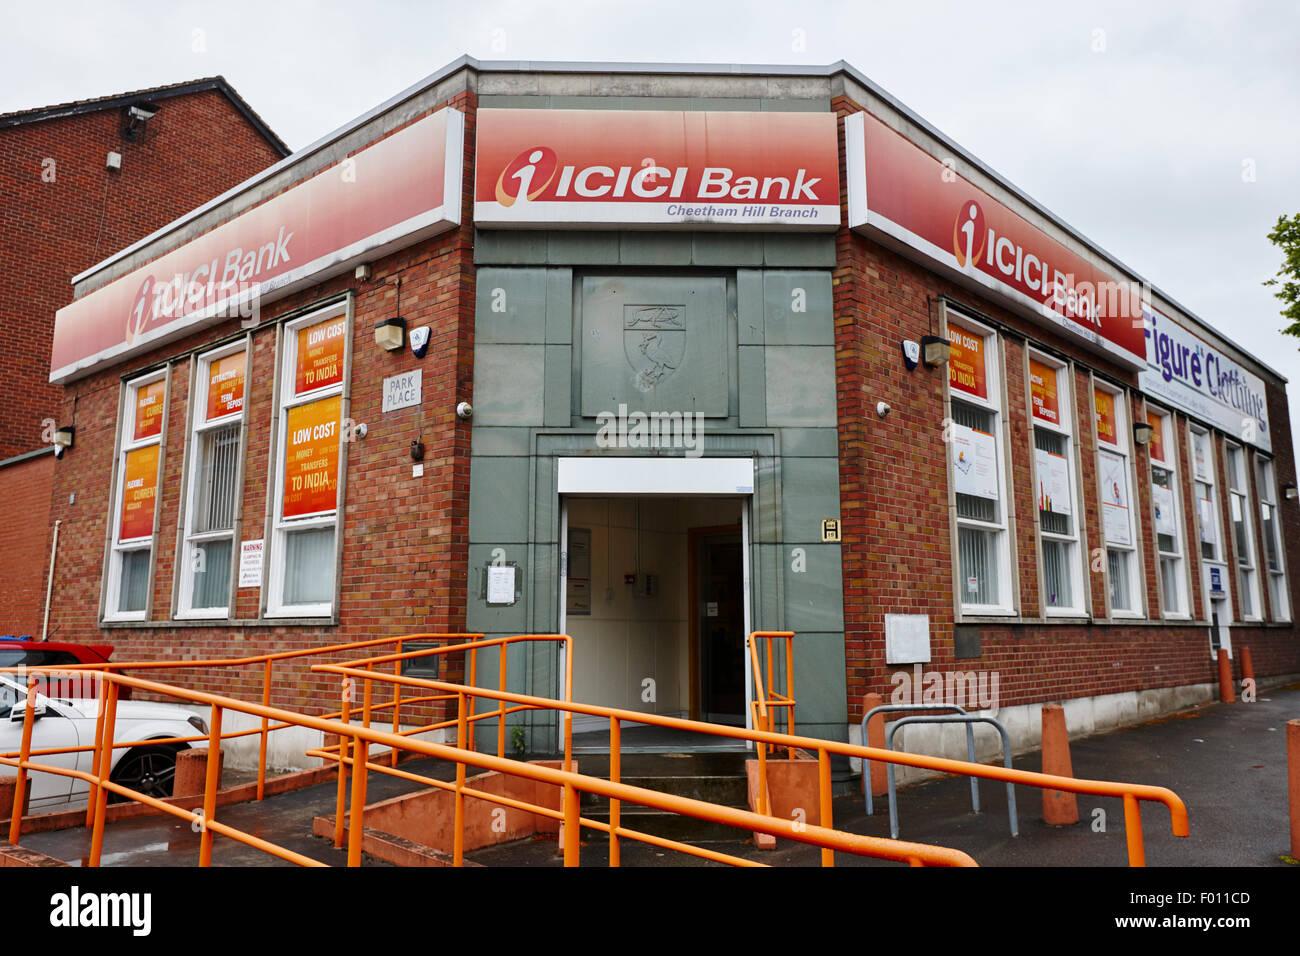 icici bank new york Bank Branch England Stock Photos